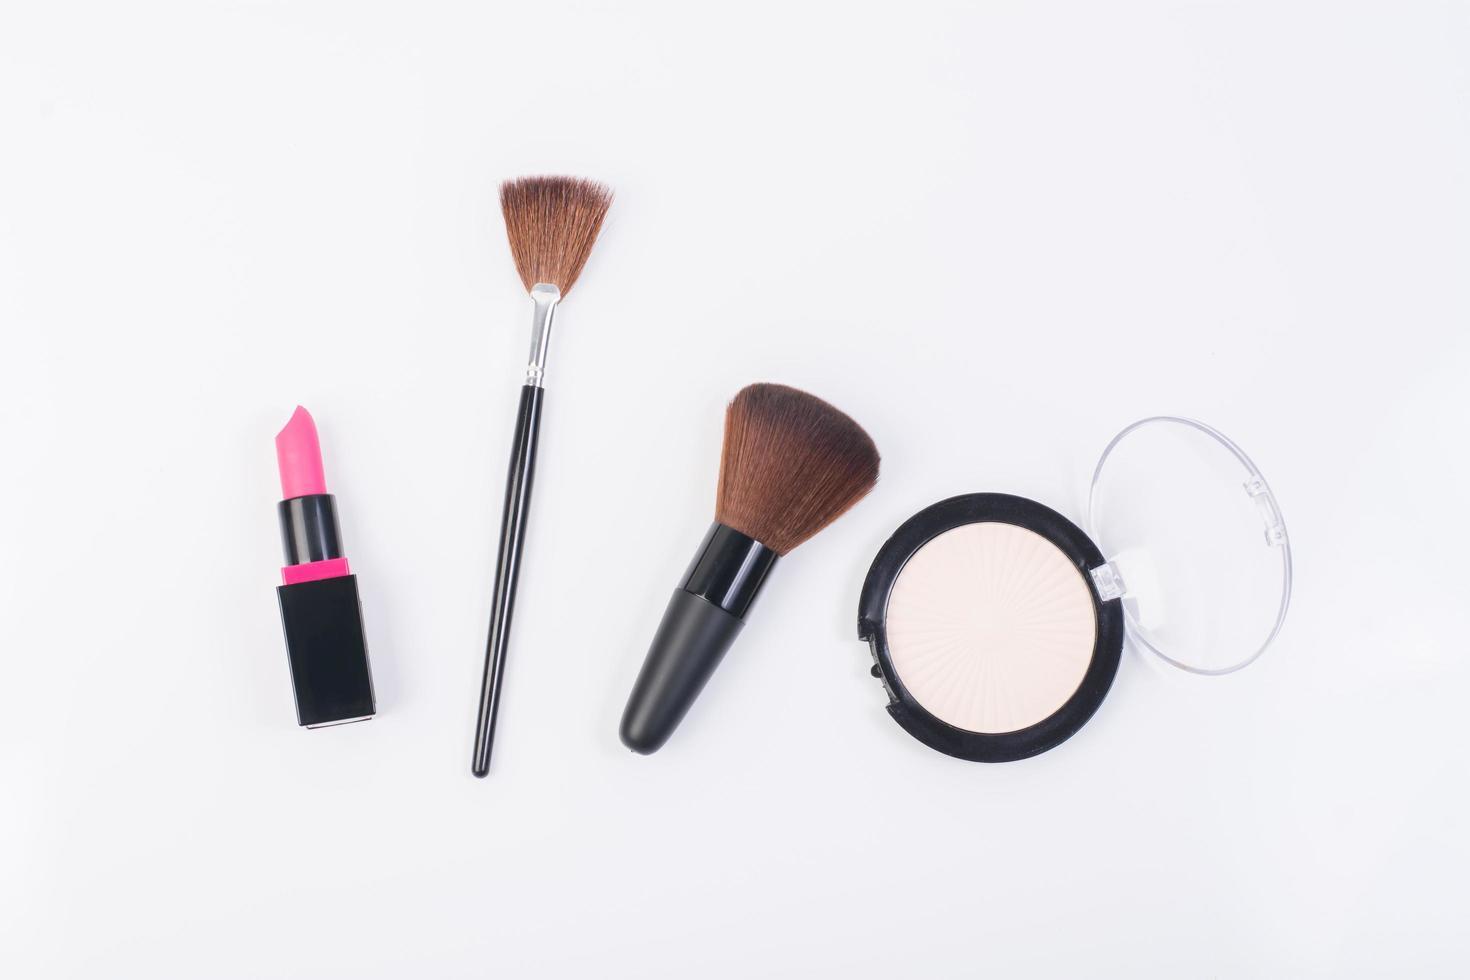 pinceaux de maquillage et poudre isolé sur fond blanc photo